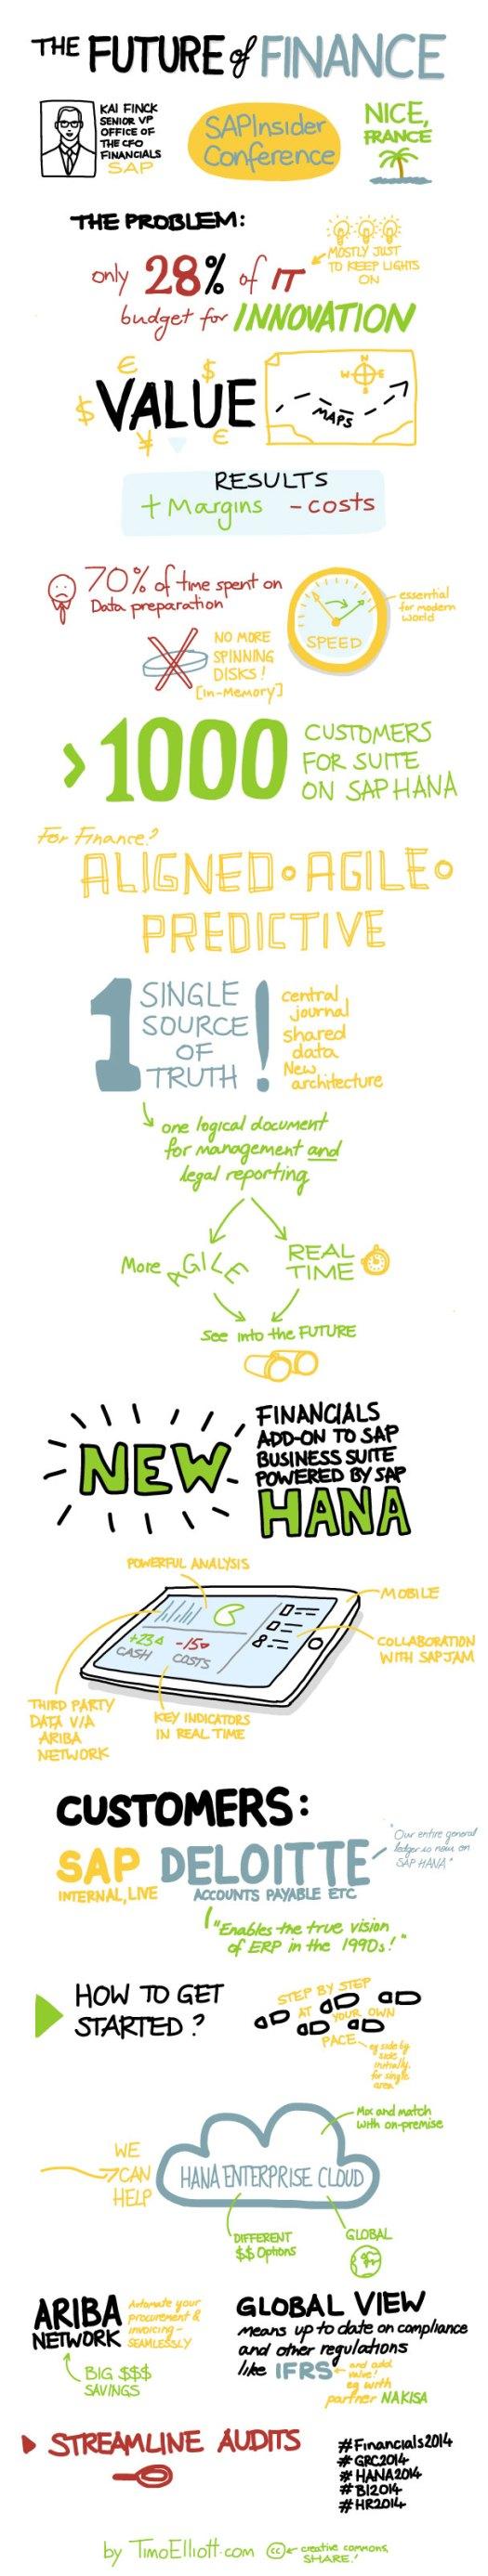 financials-2014-keynote-sketchnote-long